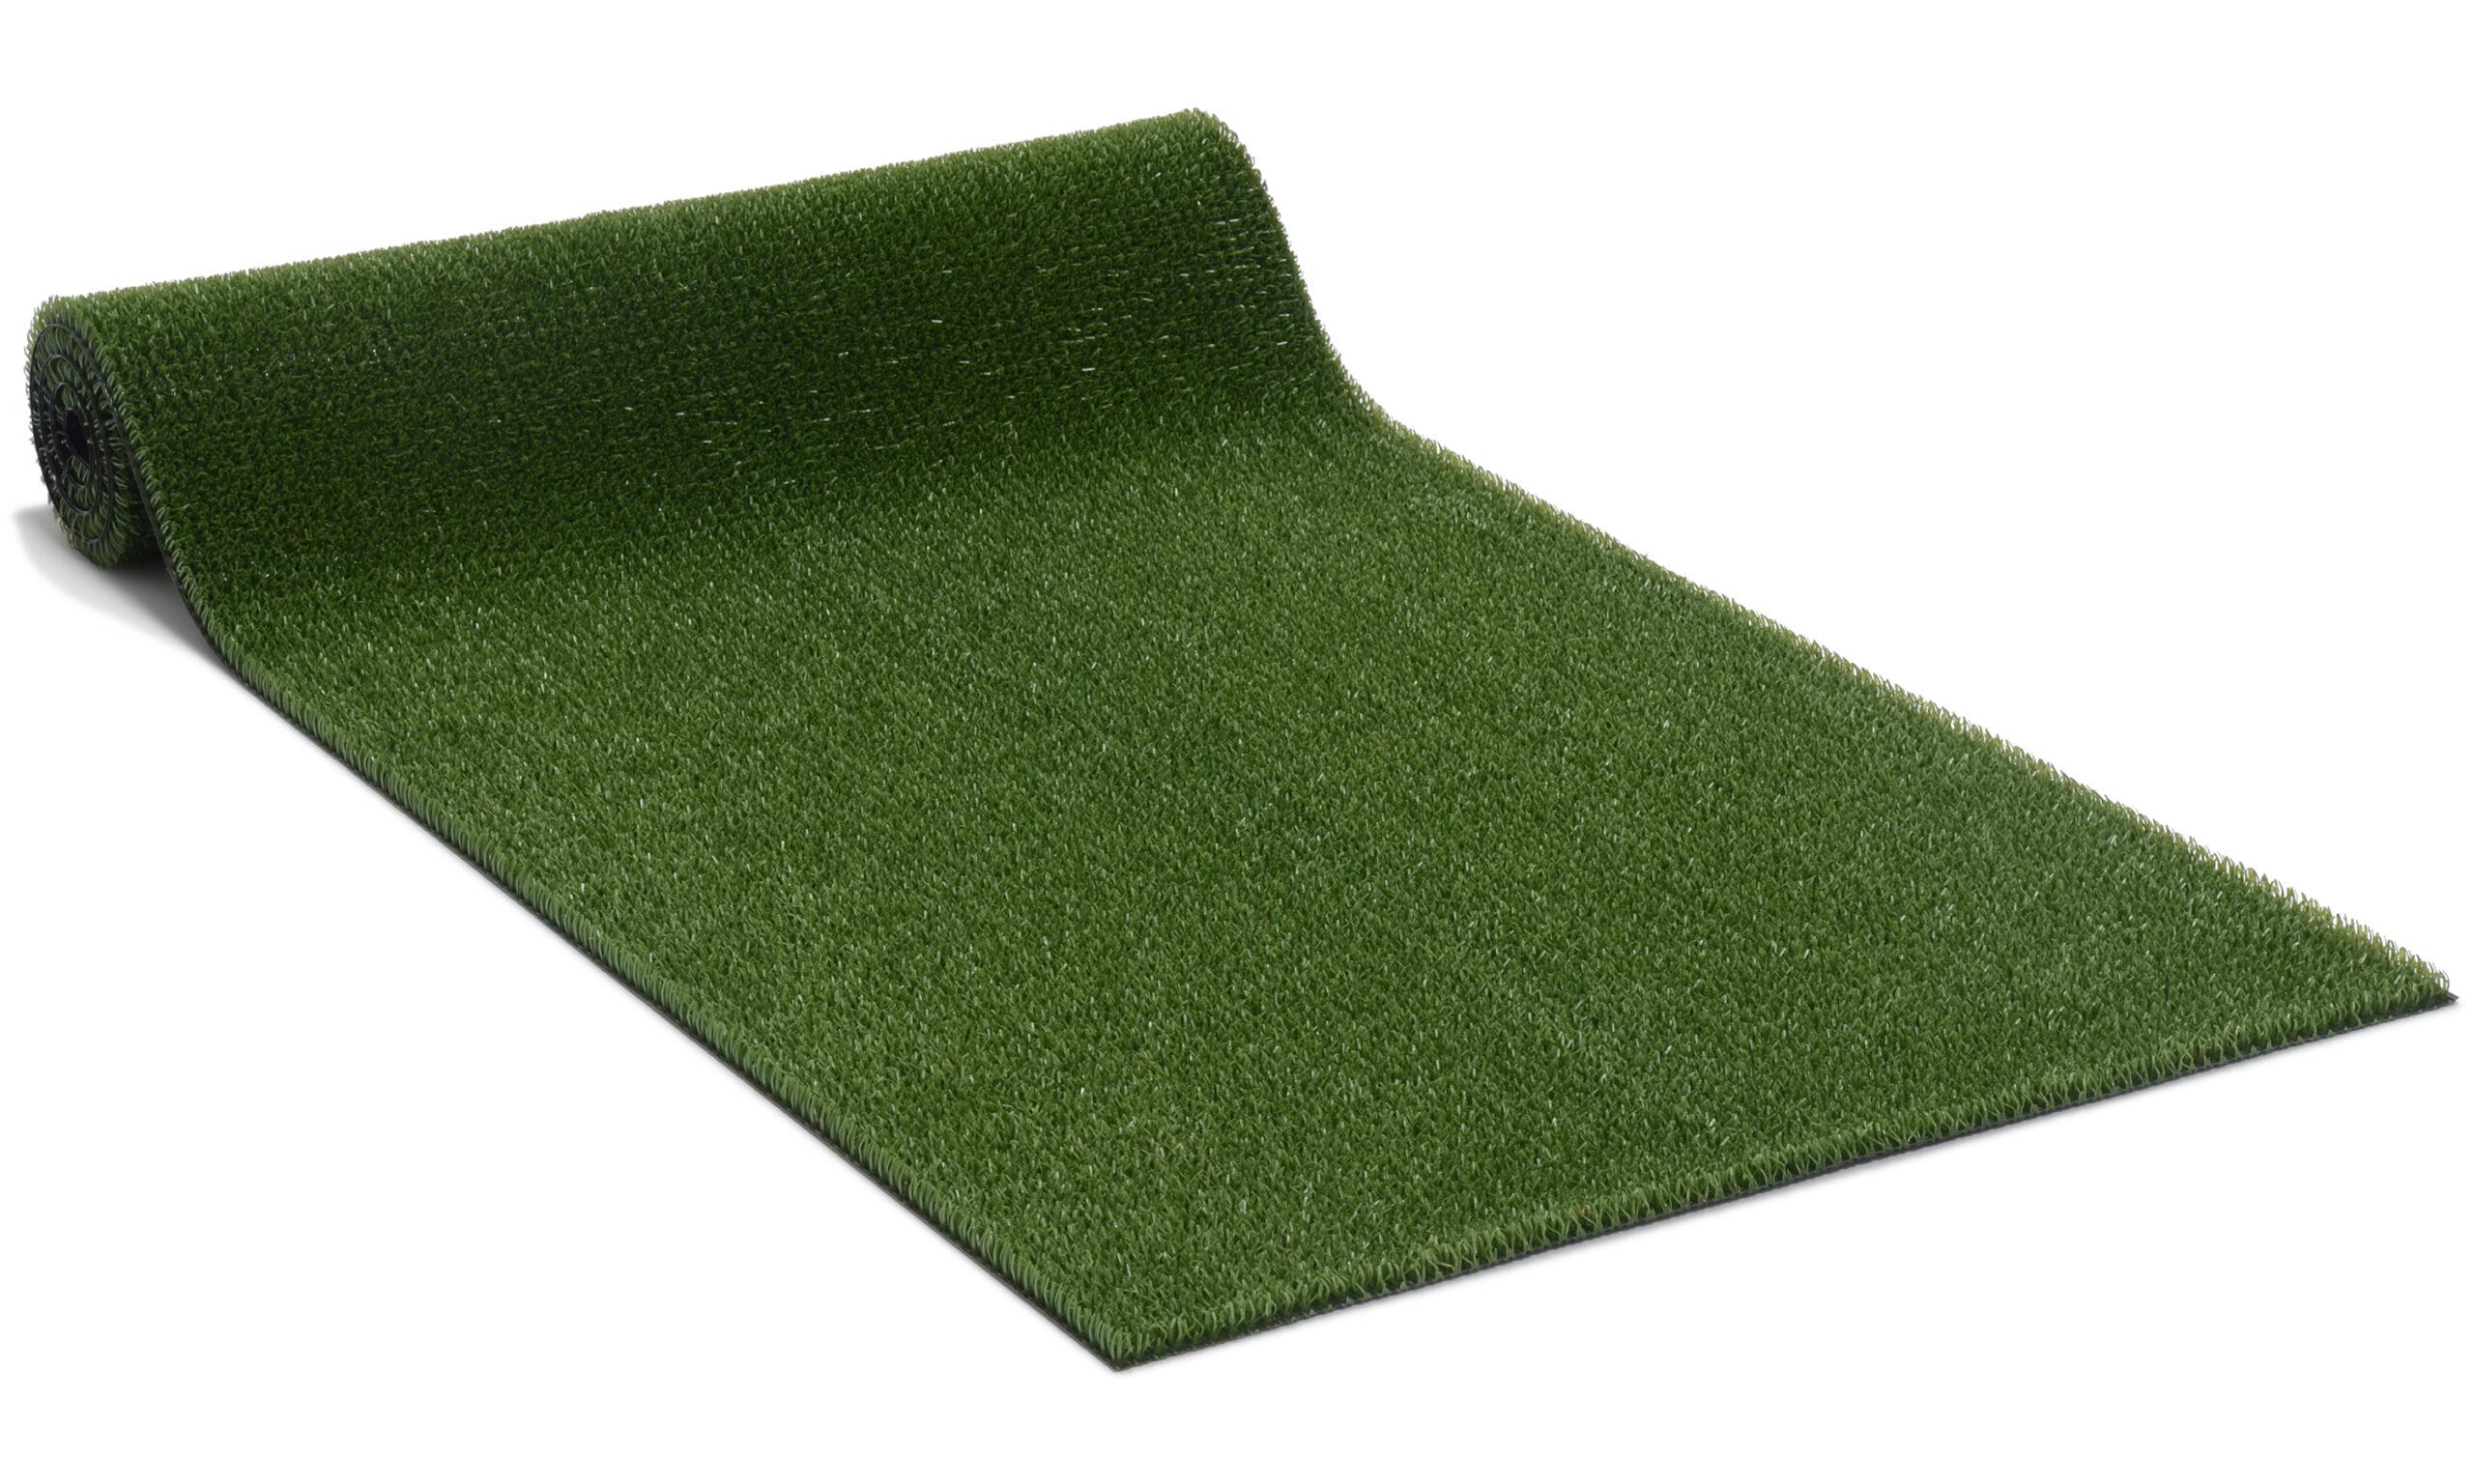 AstroTurf grön - entrématta på metervara